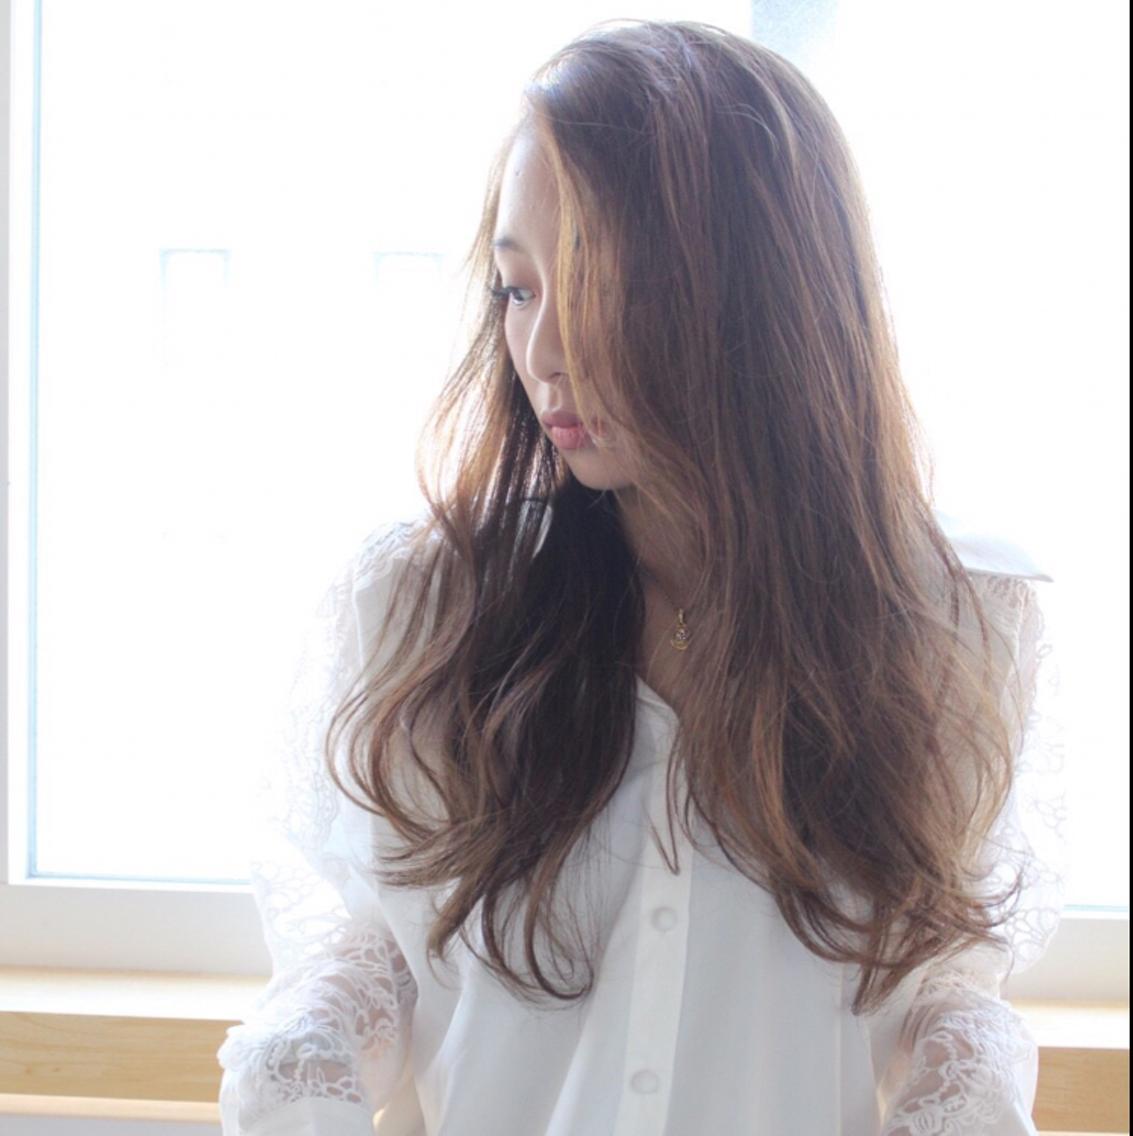 ✨おしゃれ街✨当日予約OK✨撮影model✨関西某大手サロンでの男性スタイリストNO.1の肩書きを持って岡山の女性を綺麗にしてみせます✨✨✨再現性の高いカット✨プラスαの仕上がり体験してみてください✨